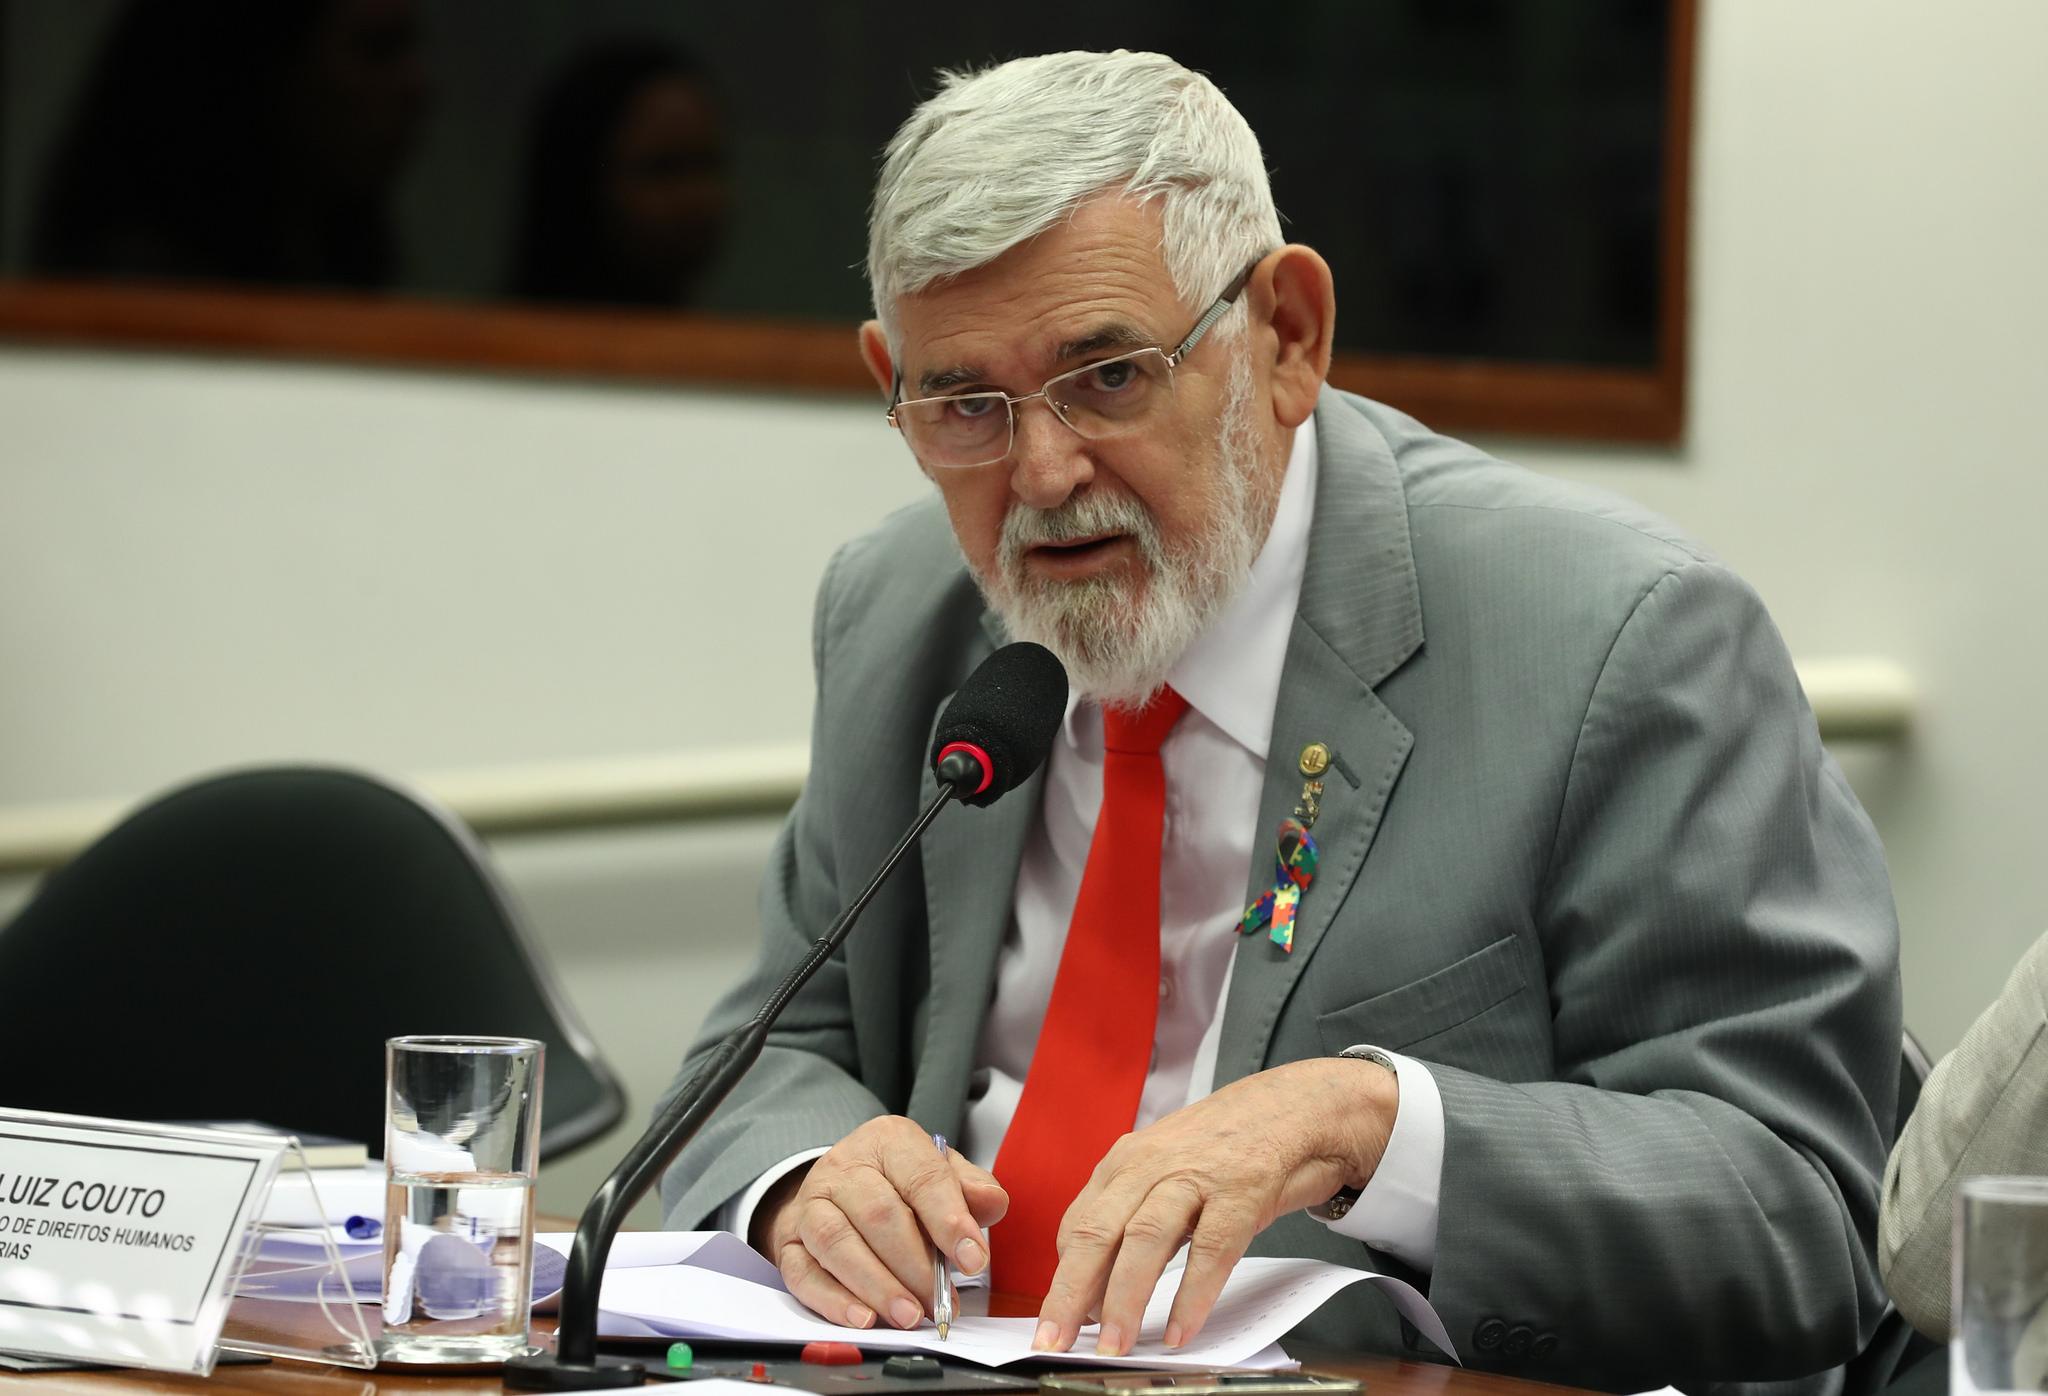 Presidente da Comissão de Direitos Humanos quer revisão da Lei da Anistia: STF se baseou em premissas equivocadas